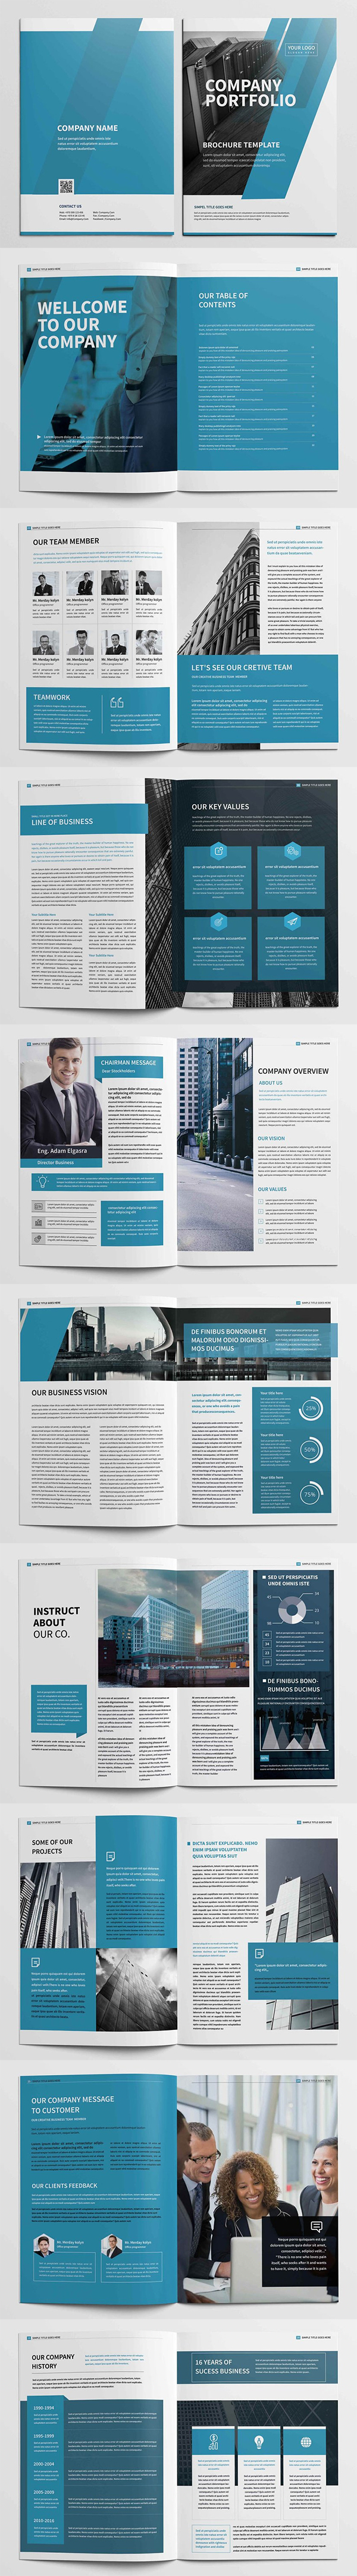 folletos profesionales de perfil de empresa